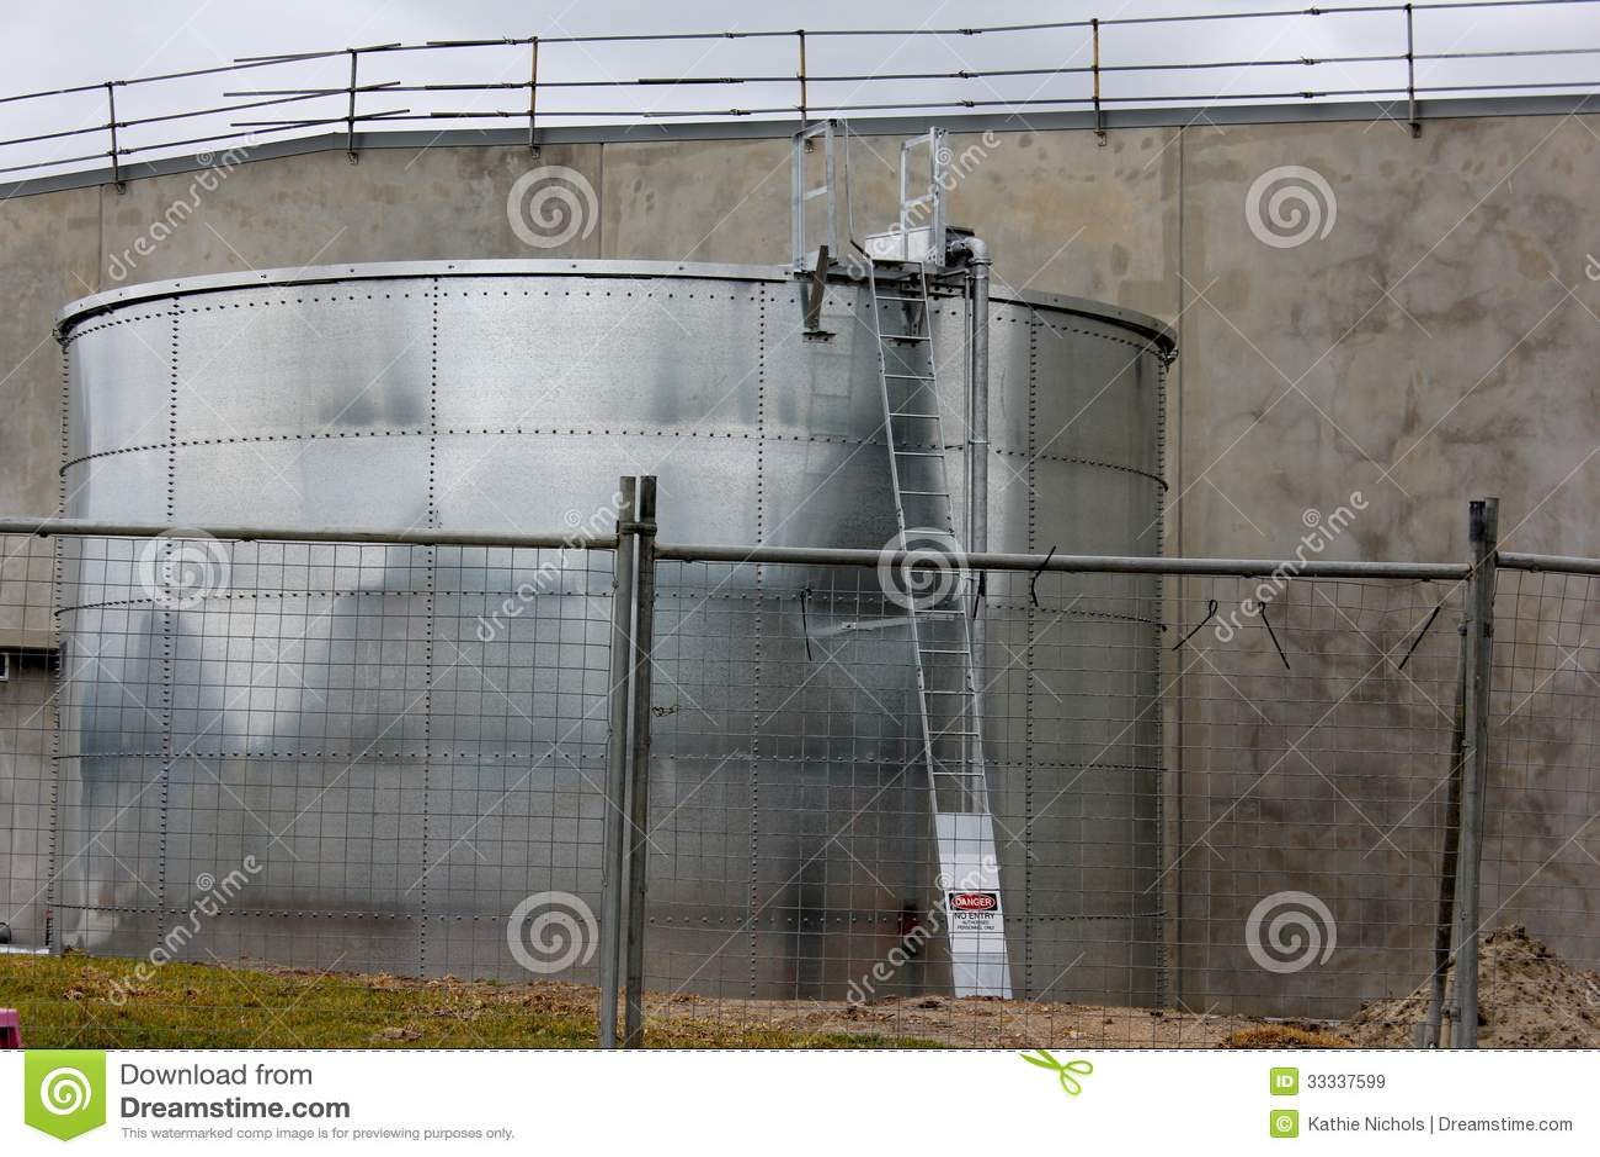 Grand r servoir d 39 eau de pluie images libres de droits image 33337599 - Reservoir eau de pluie ...